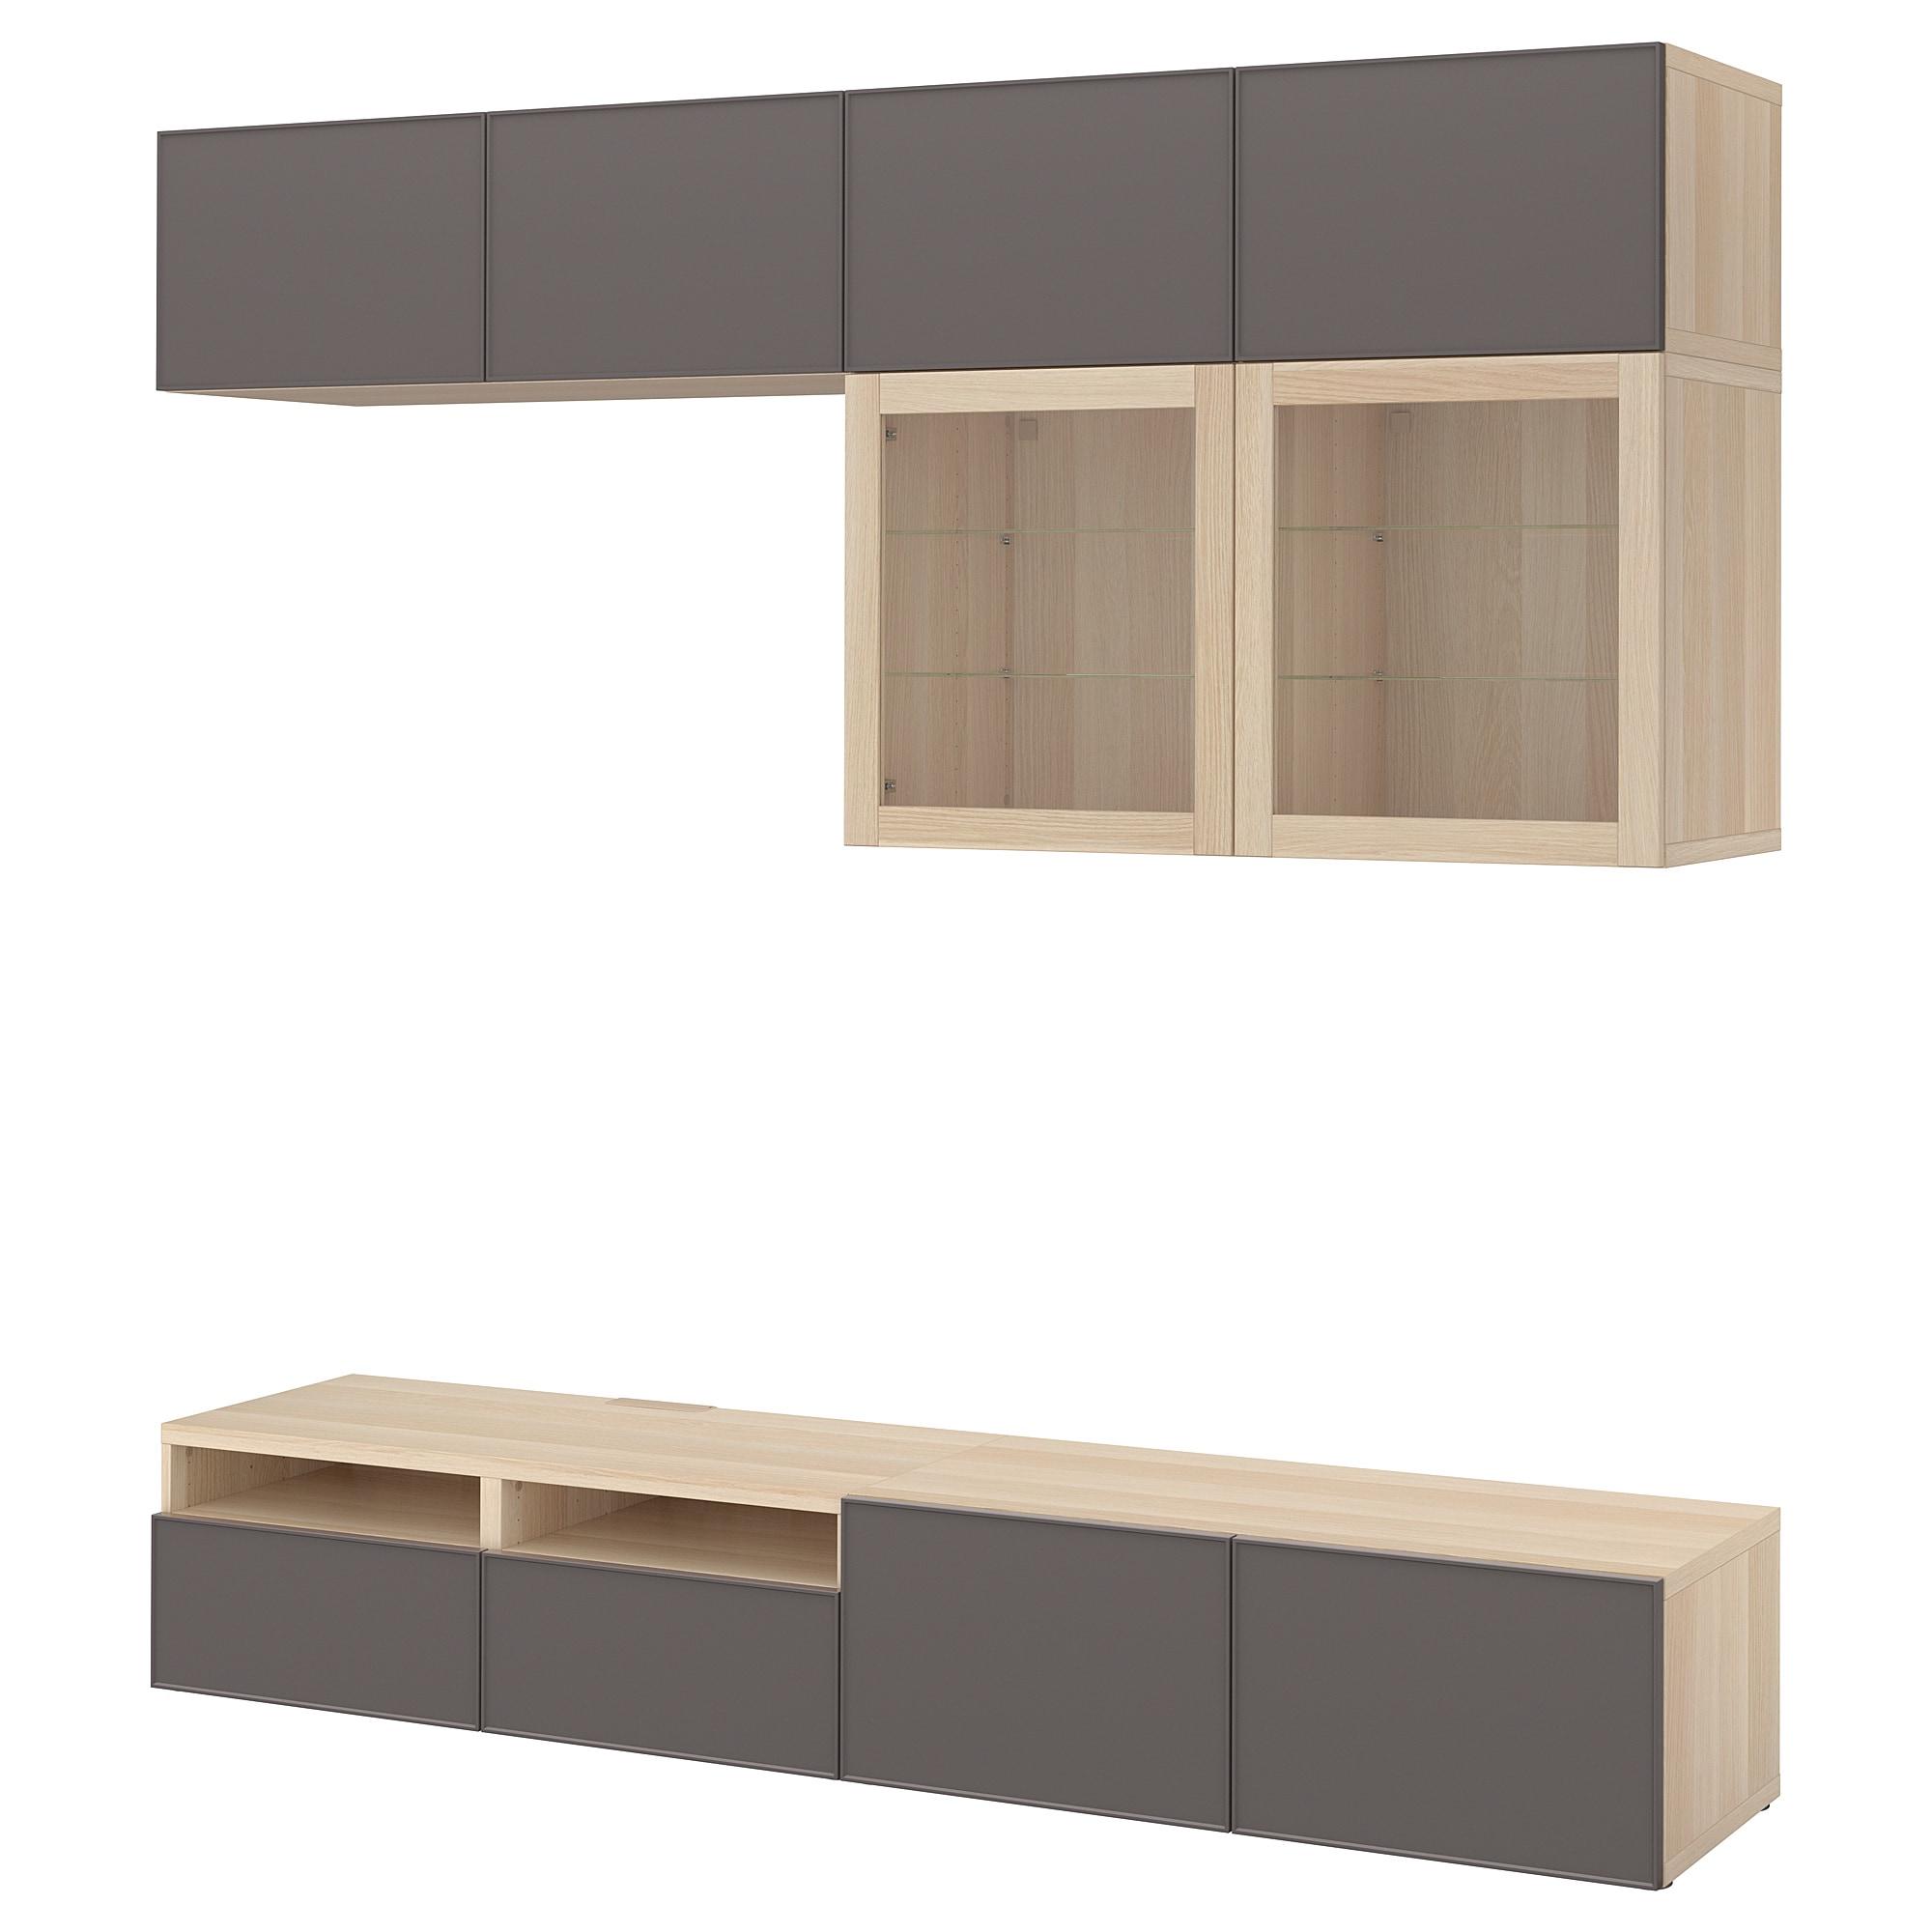 Шкаф для ТВ, комбинированный, стекляные дверцы БЕСТО темно-серый артикуль № 392.522.09 в наличии. Интернет магазин IKEA Беларусь. Недорогая доставка и монтаж.